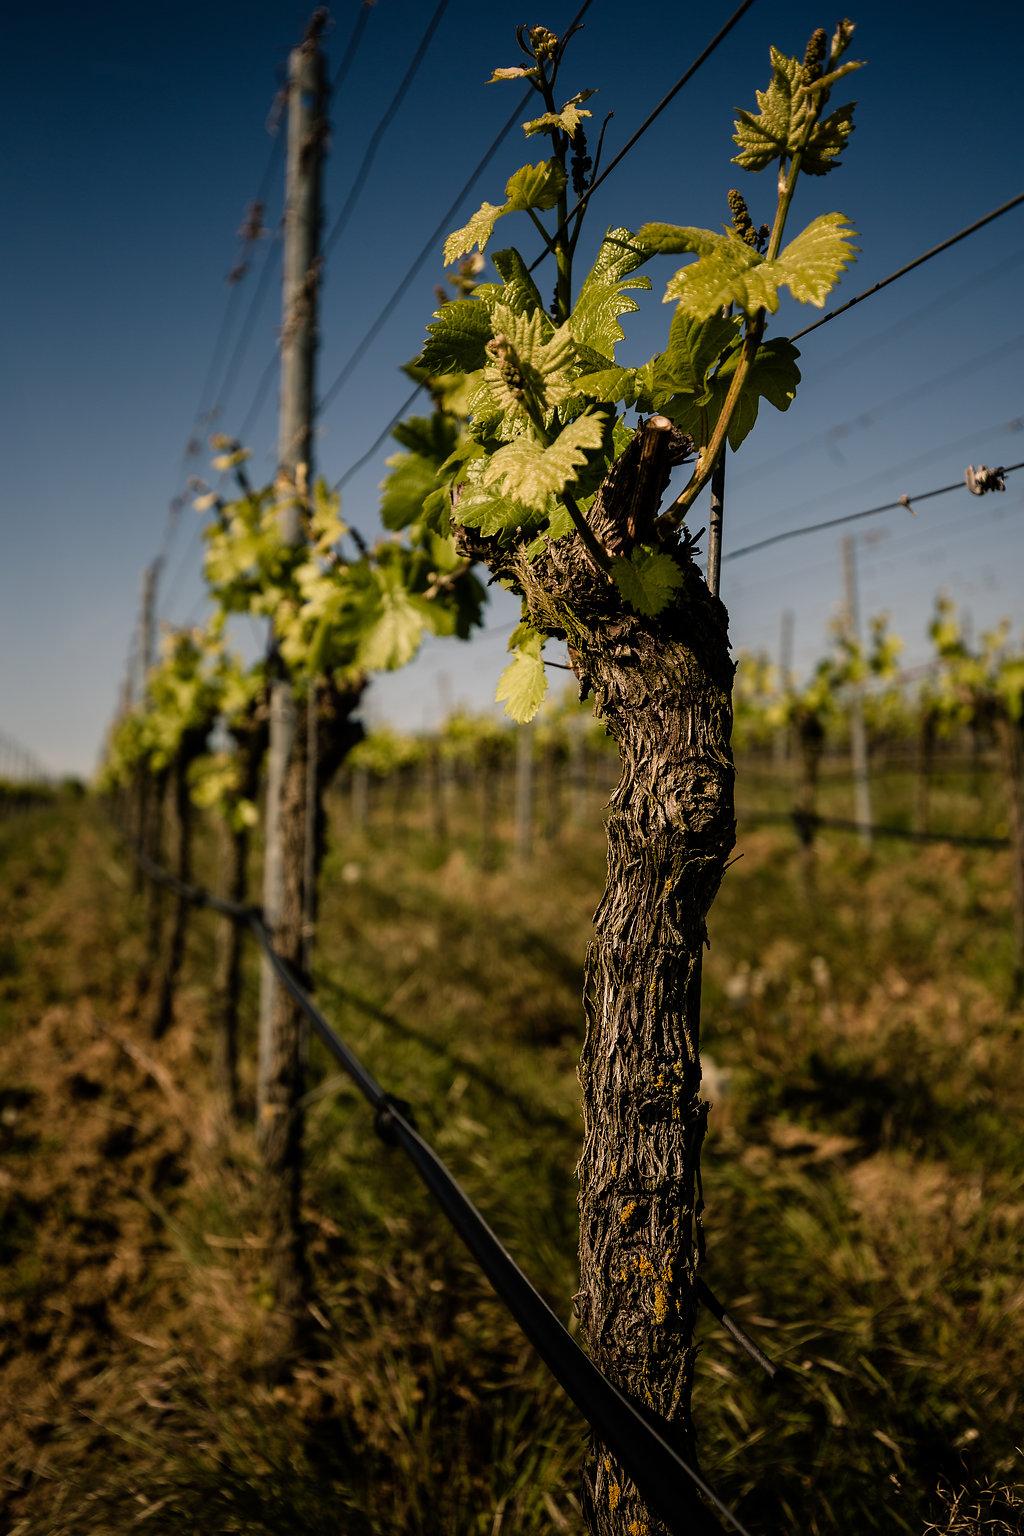 Stamm der Weinrebe